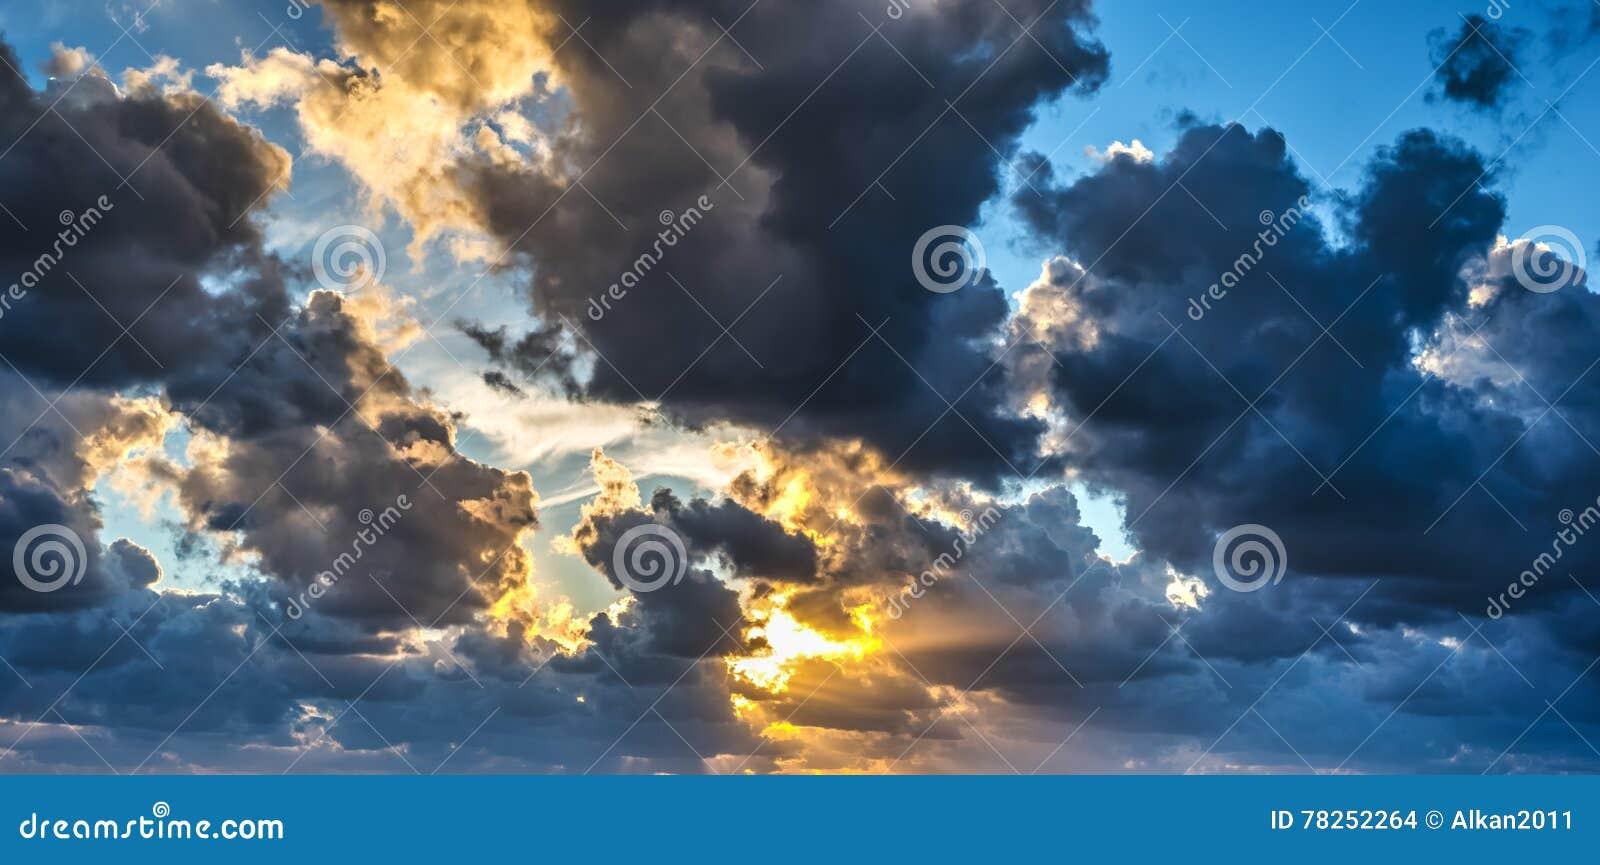 Σκοτεινά σύννεφα και φωτεινός ήλιος